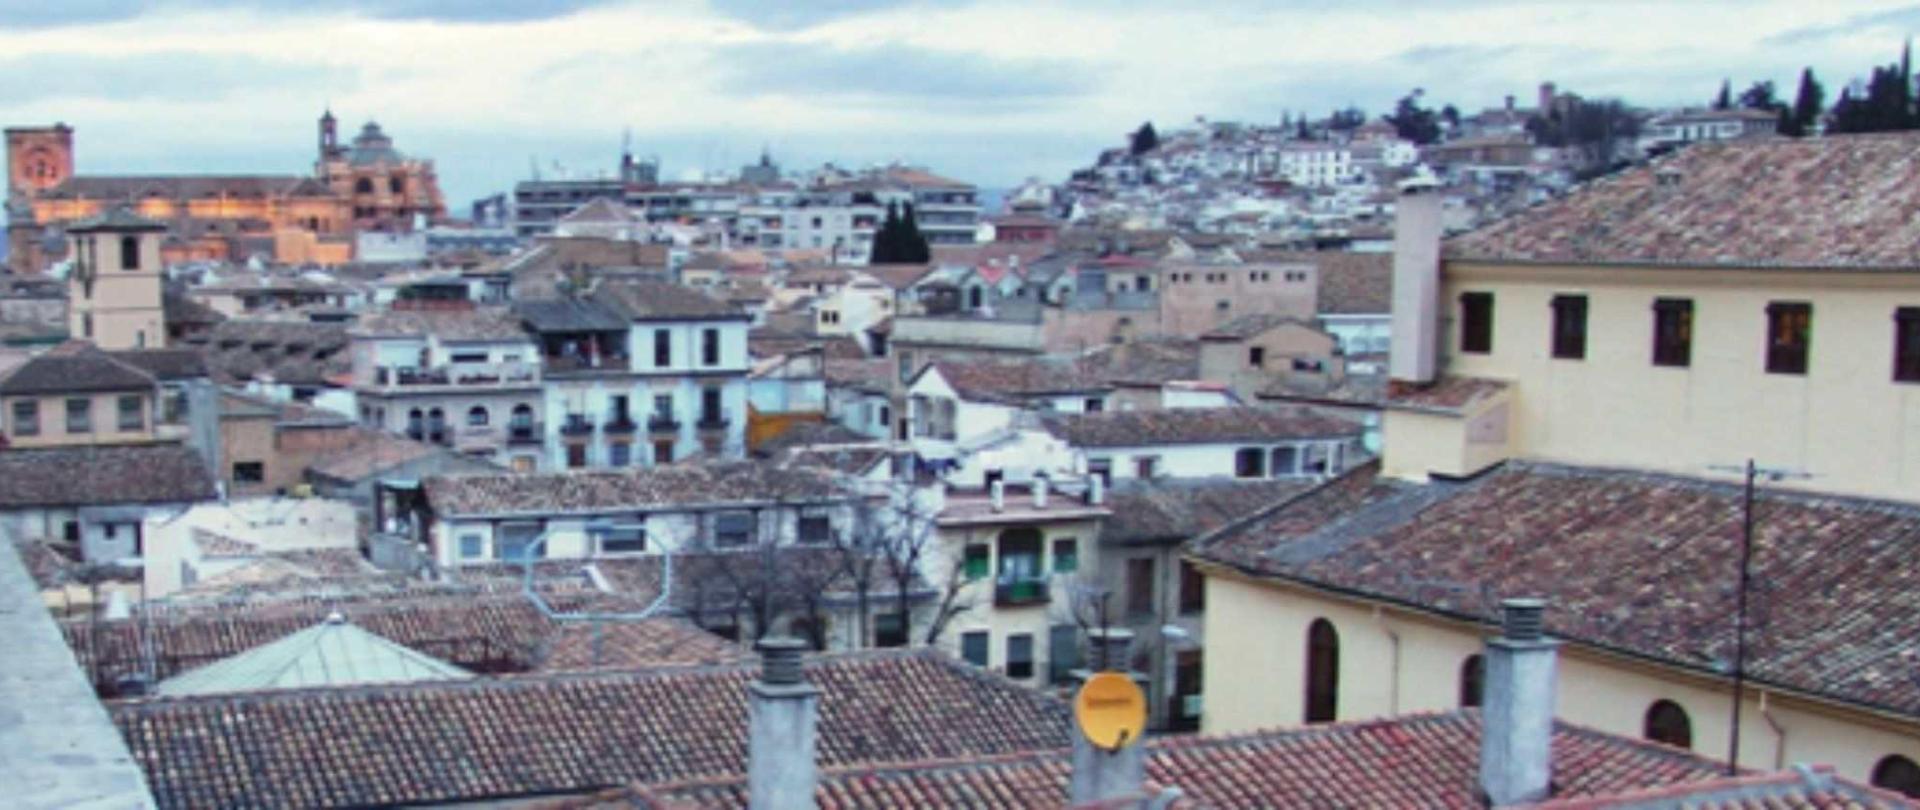 hotel-carlos-v-foto12.jpg